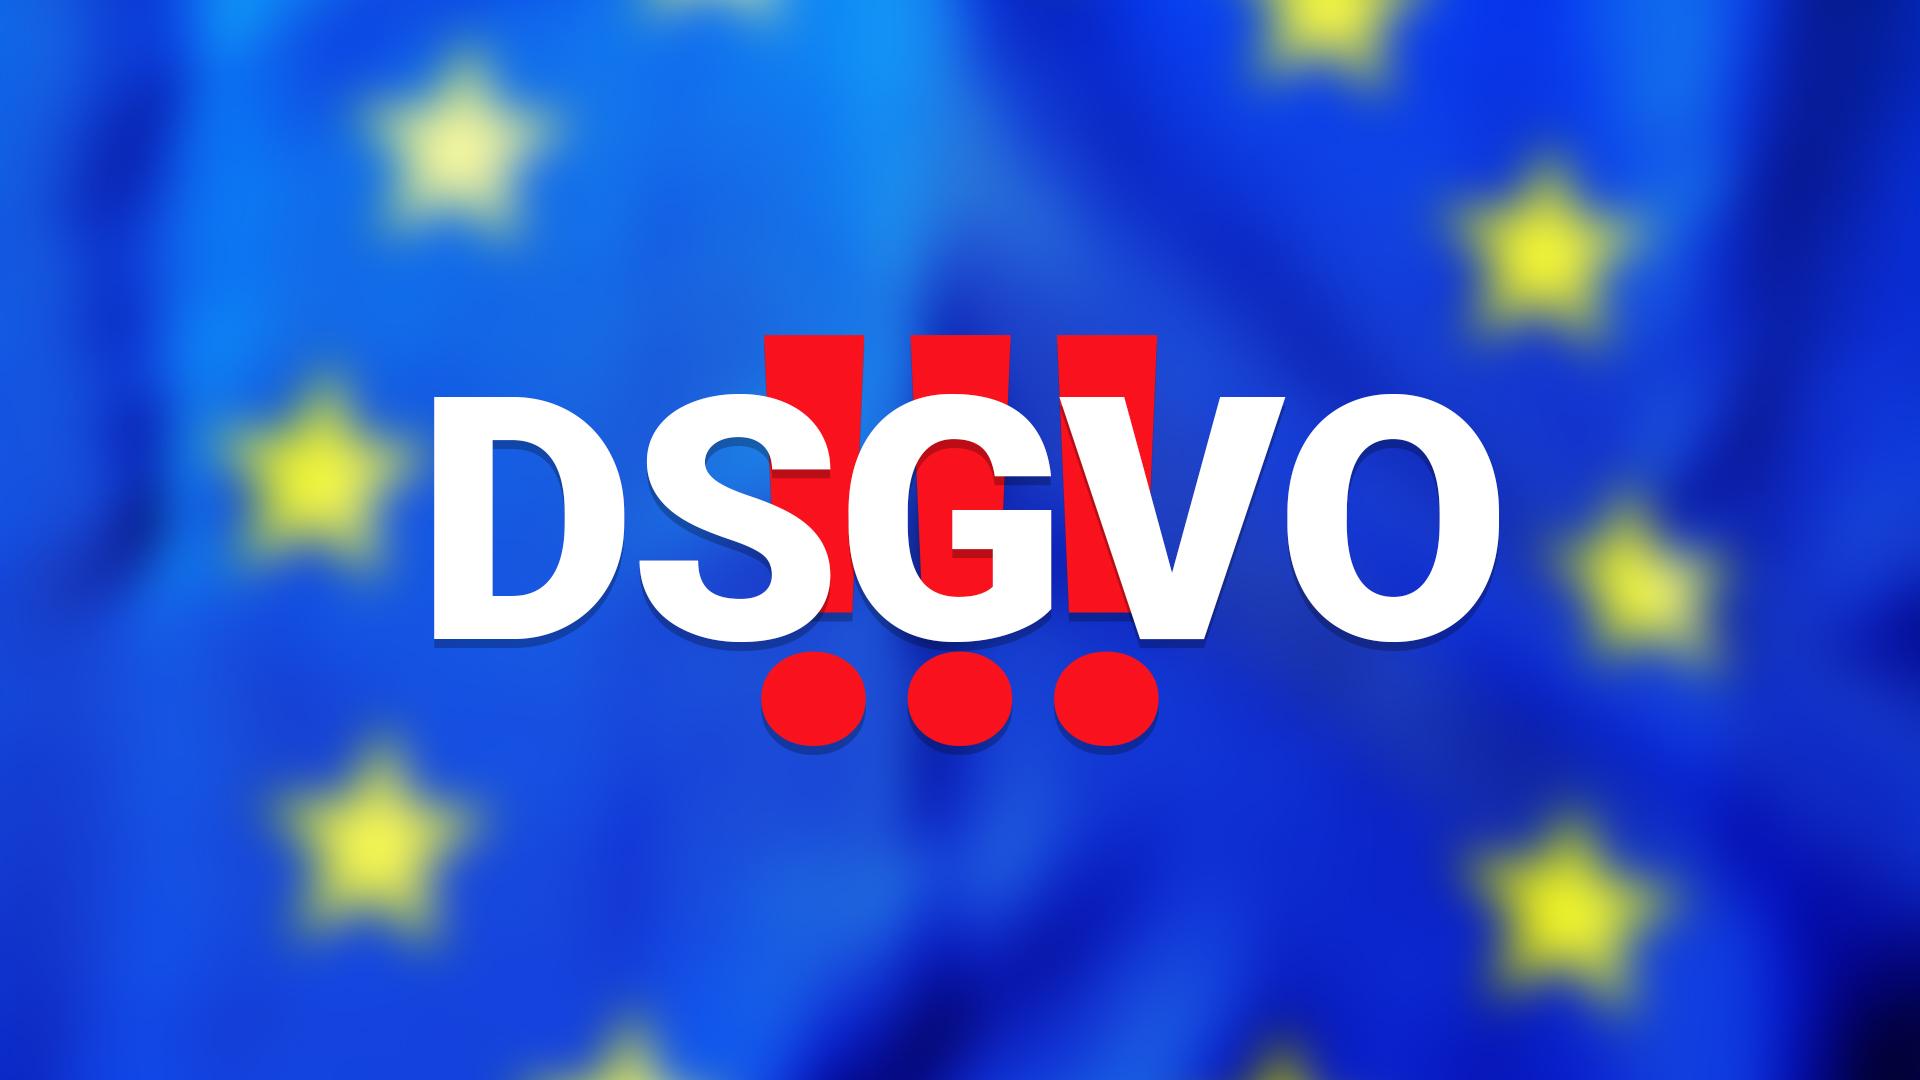 Änderungen aufgrund der DSGVO